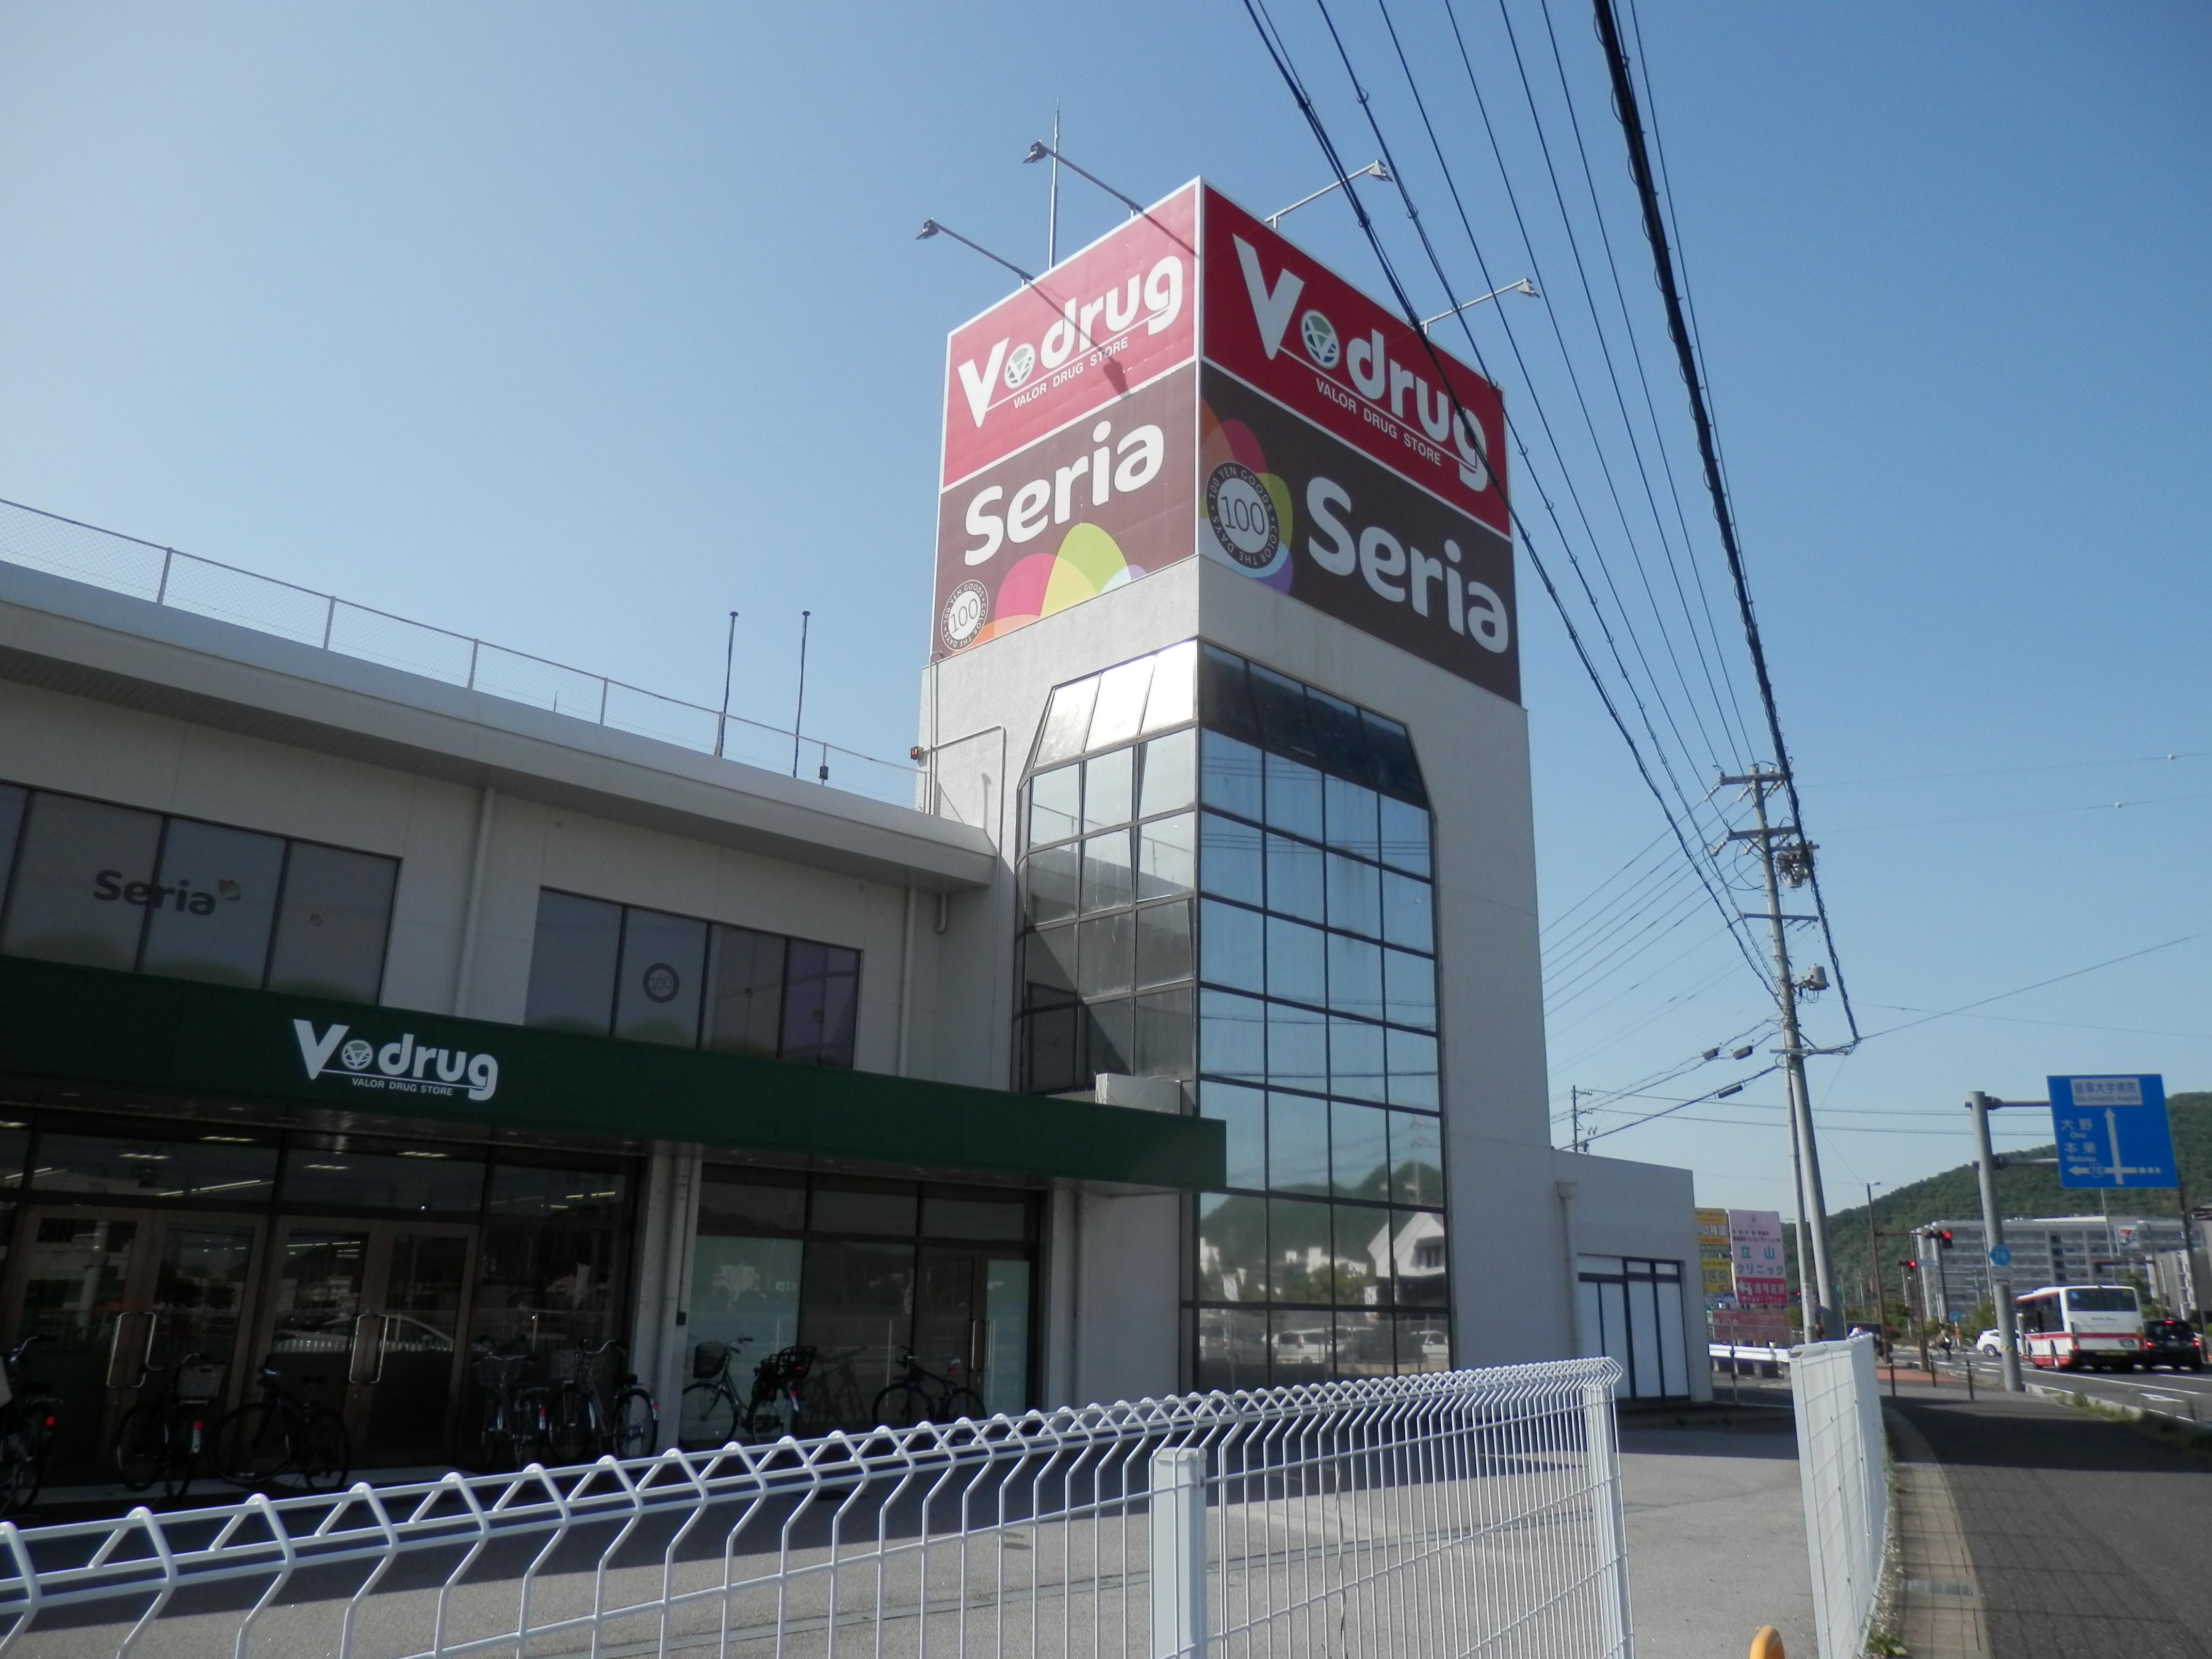 スーパー:Seria(セリア) 岐大前店 308m 近隣